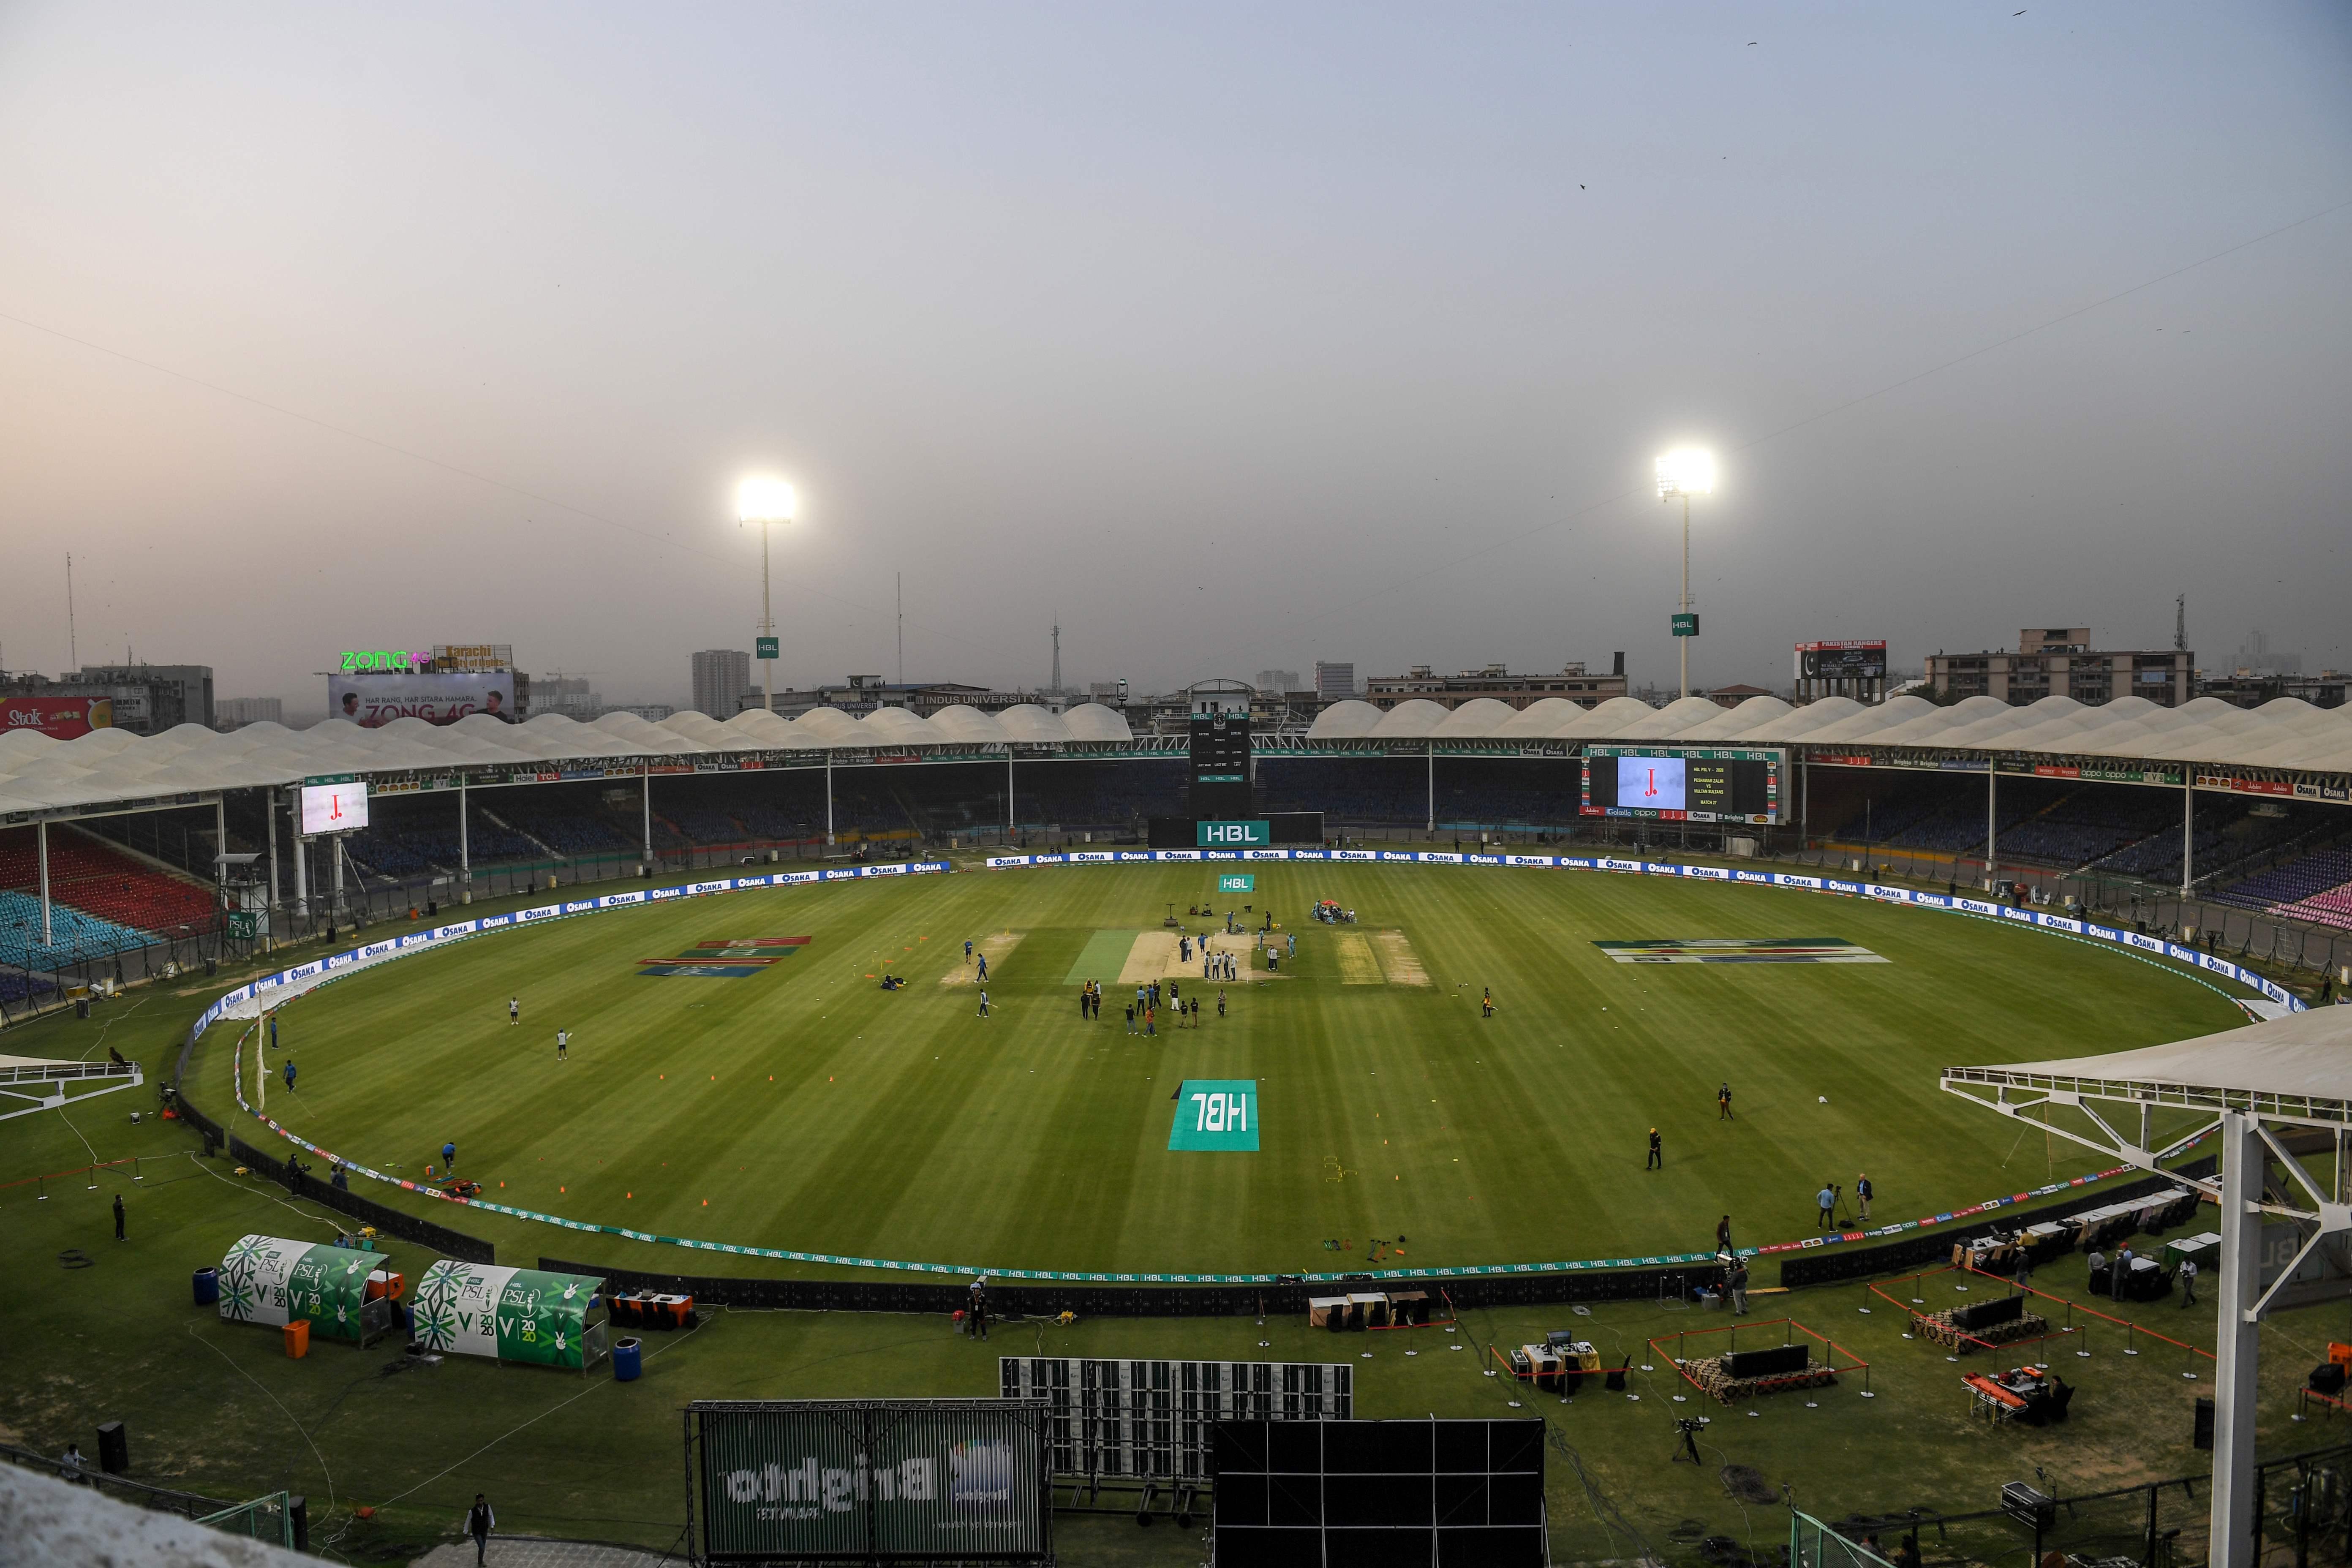 Pakistan National Cricket Stadium in Karachi